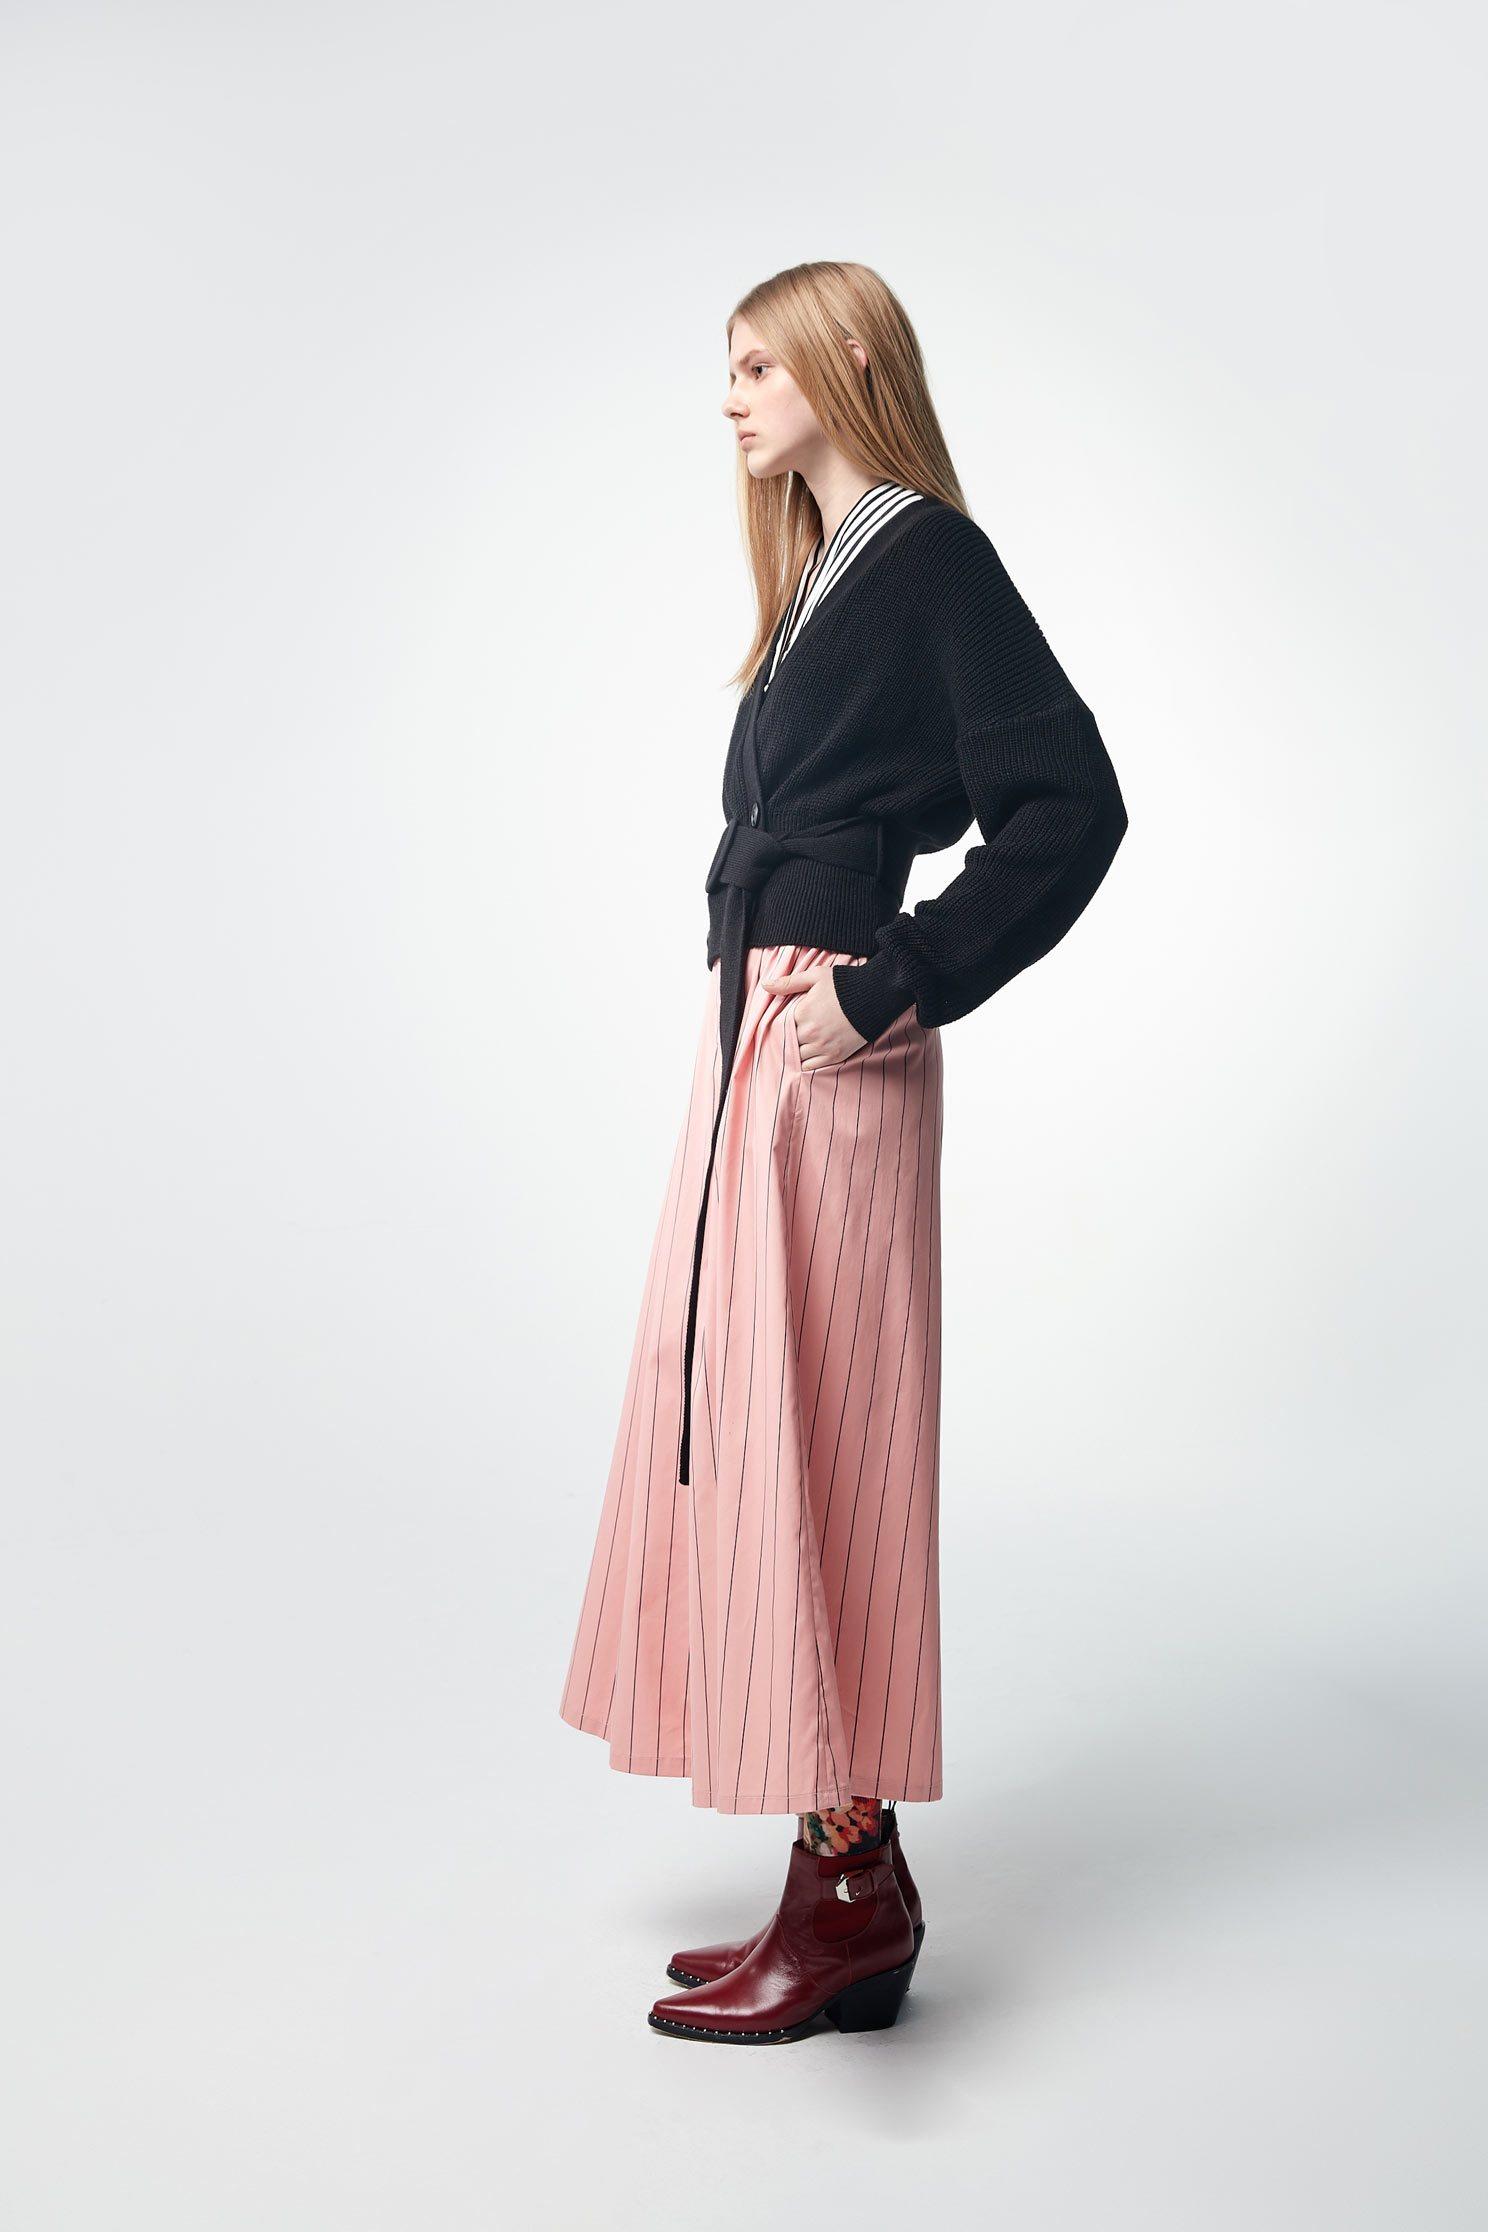 Open-cut strap long-sleeveknit jacket,outerwear,knitting,knittedjacket,longsleeveouterwear,blackouterwear